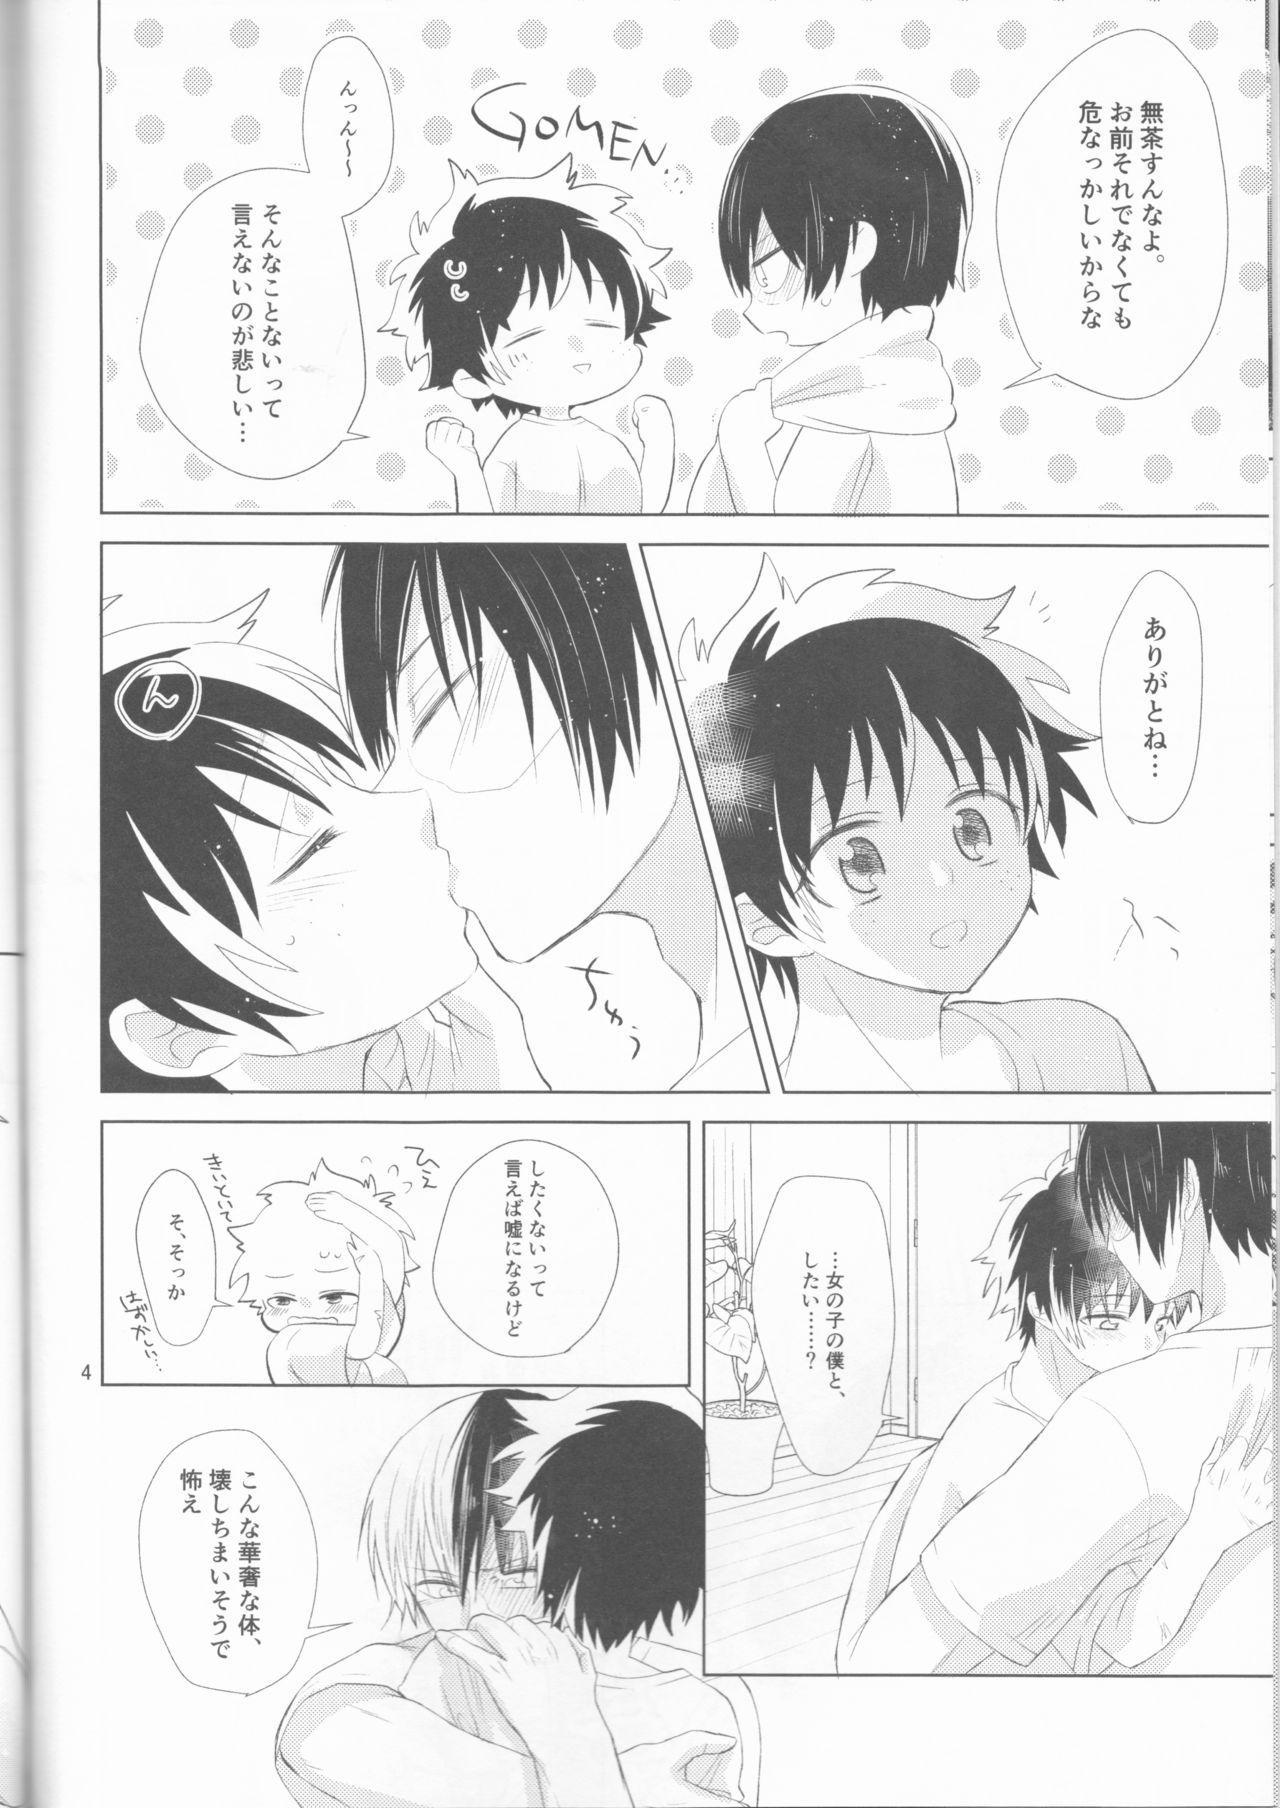 Sangatsu Usagi no Himegoto 4